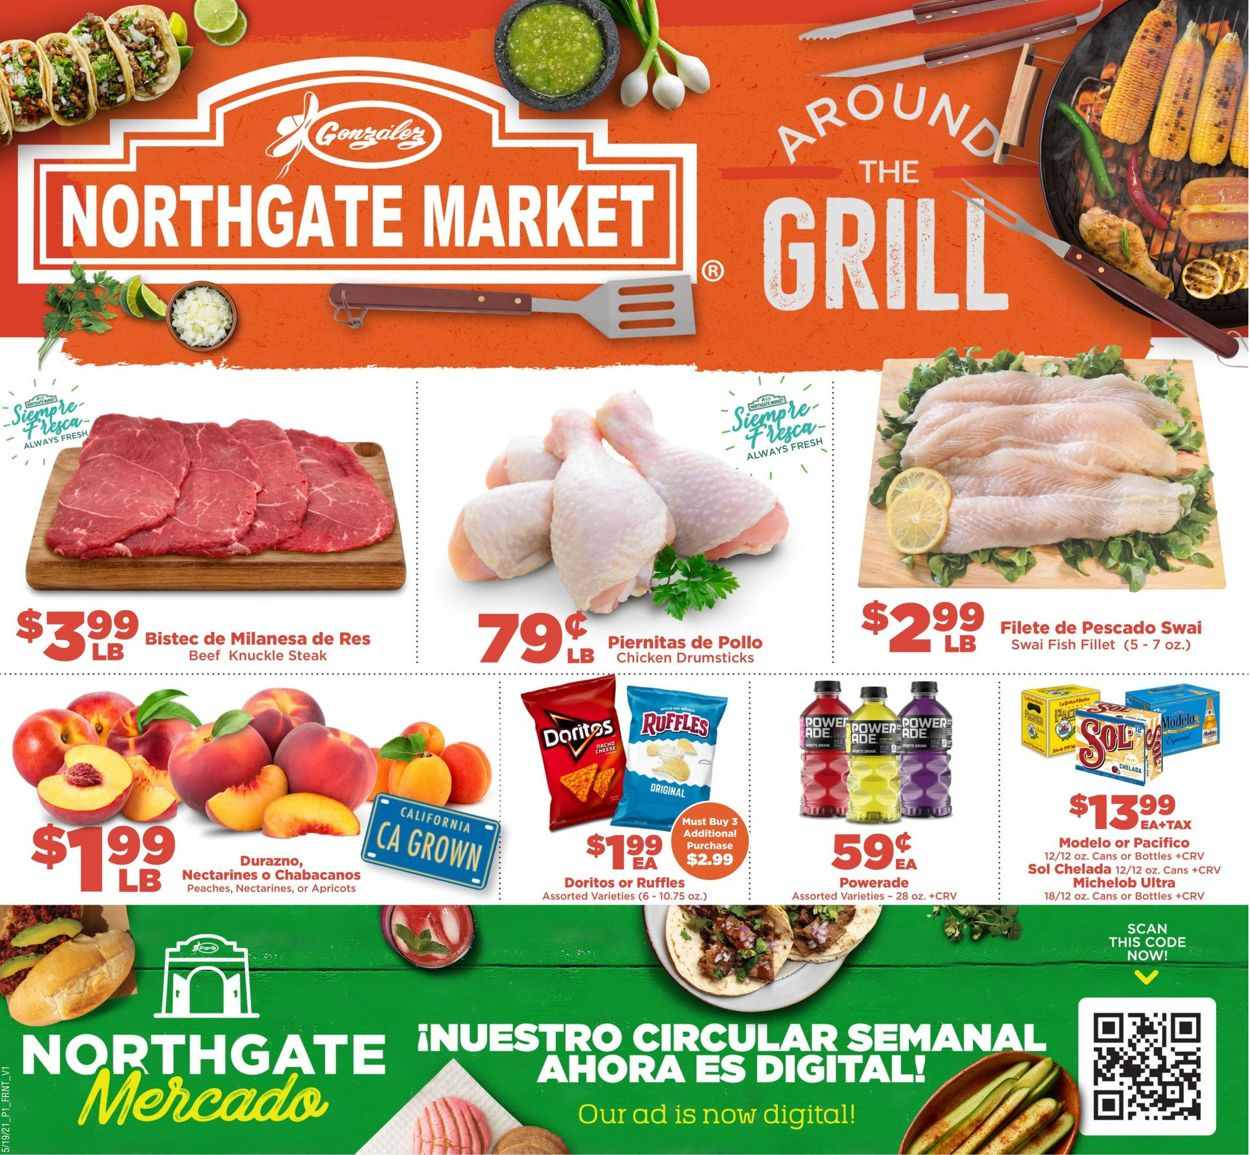 Northgate Market Weekly Ad Circular - valid 05/19-05/25/2021